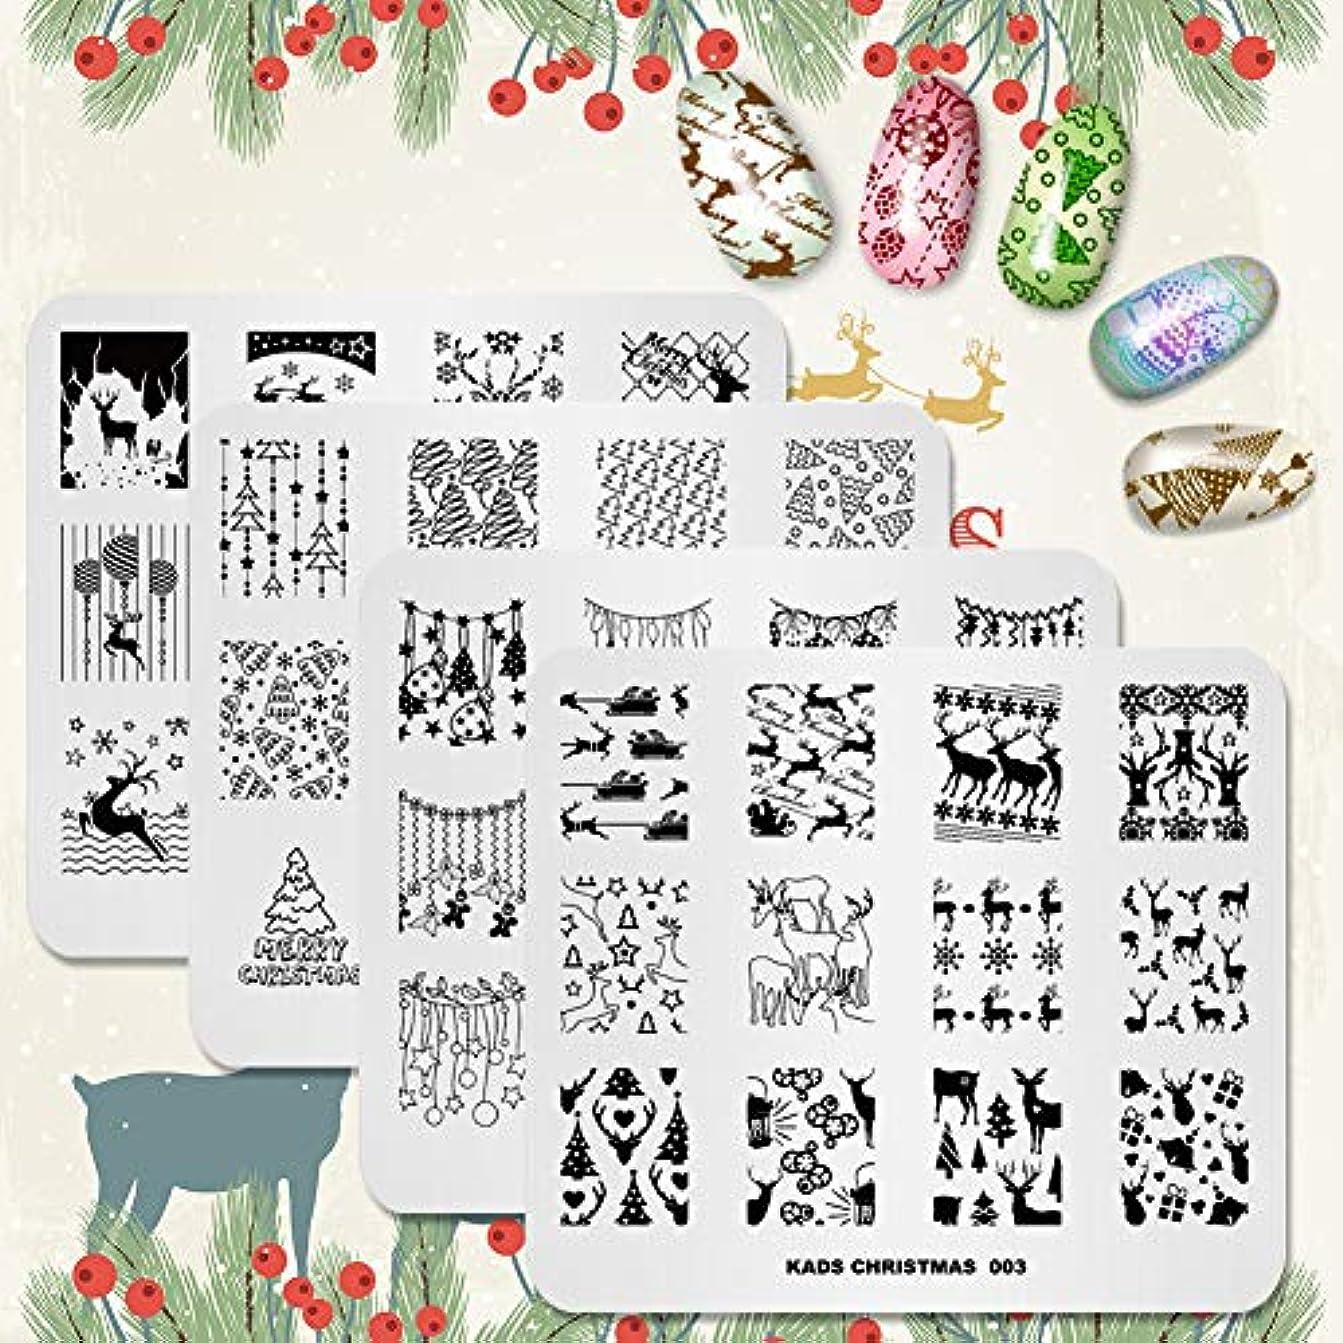 封建ダーリン高度KADS クリスマスネイルアートスタンピングプレート4枚セット 福袋/クリスマスツリー/鹿 ネイルイメージプレート ネイルアート用品道具 (セット5)